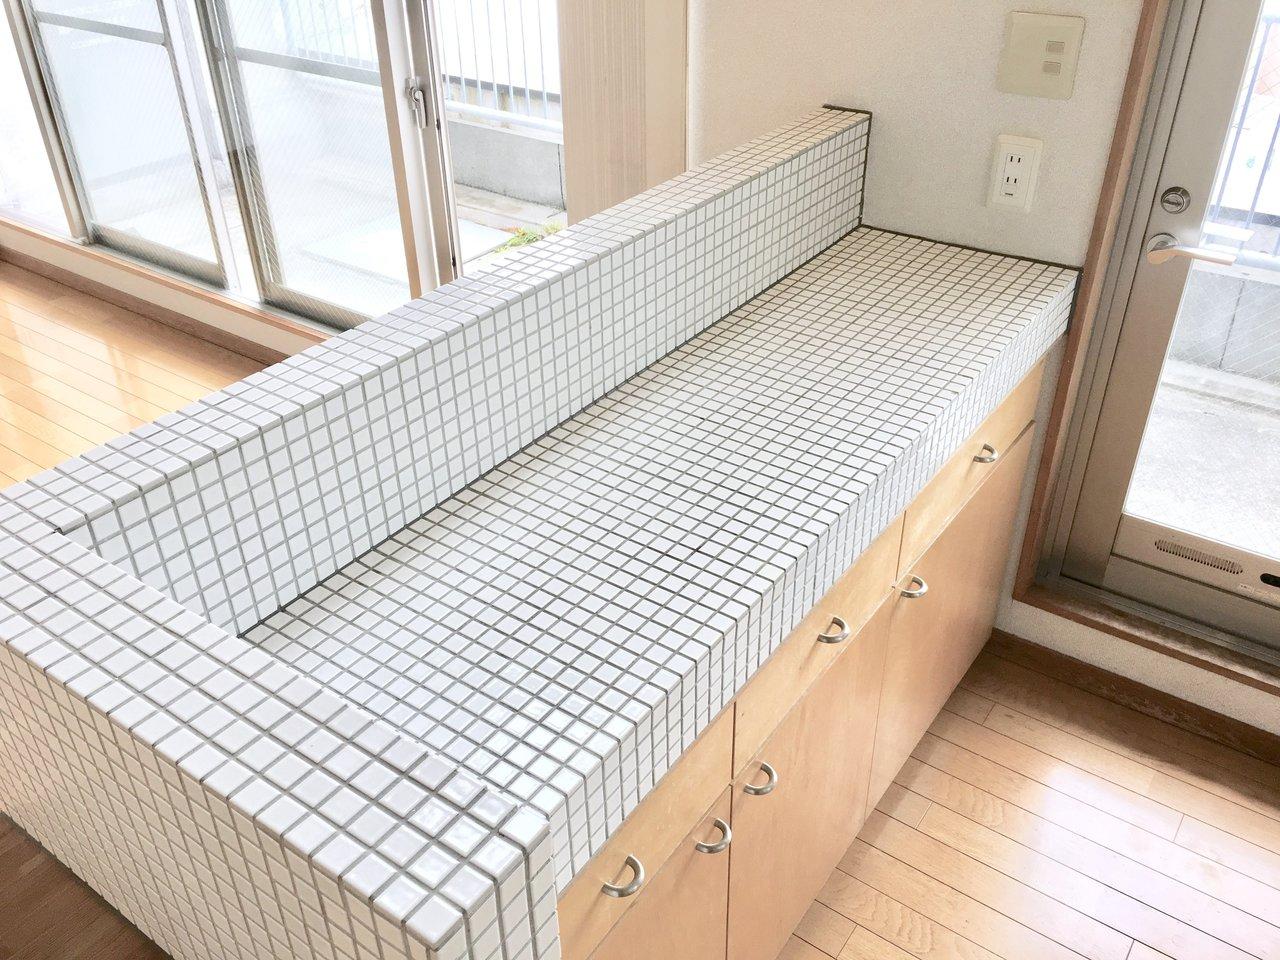 タイル貼りされたキッチンカウンターは、家電スペースがしっかりあります。こんなキッチンだったらコーヒーだって豆から挽いて淹れたくなります……。もちろん調理スペースもしっかりあるシンクも広々。コンロは2口です。